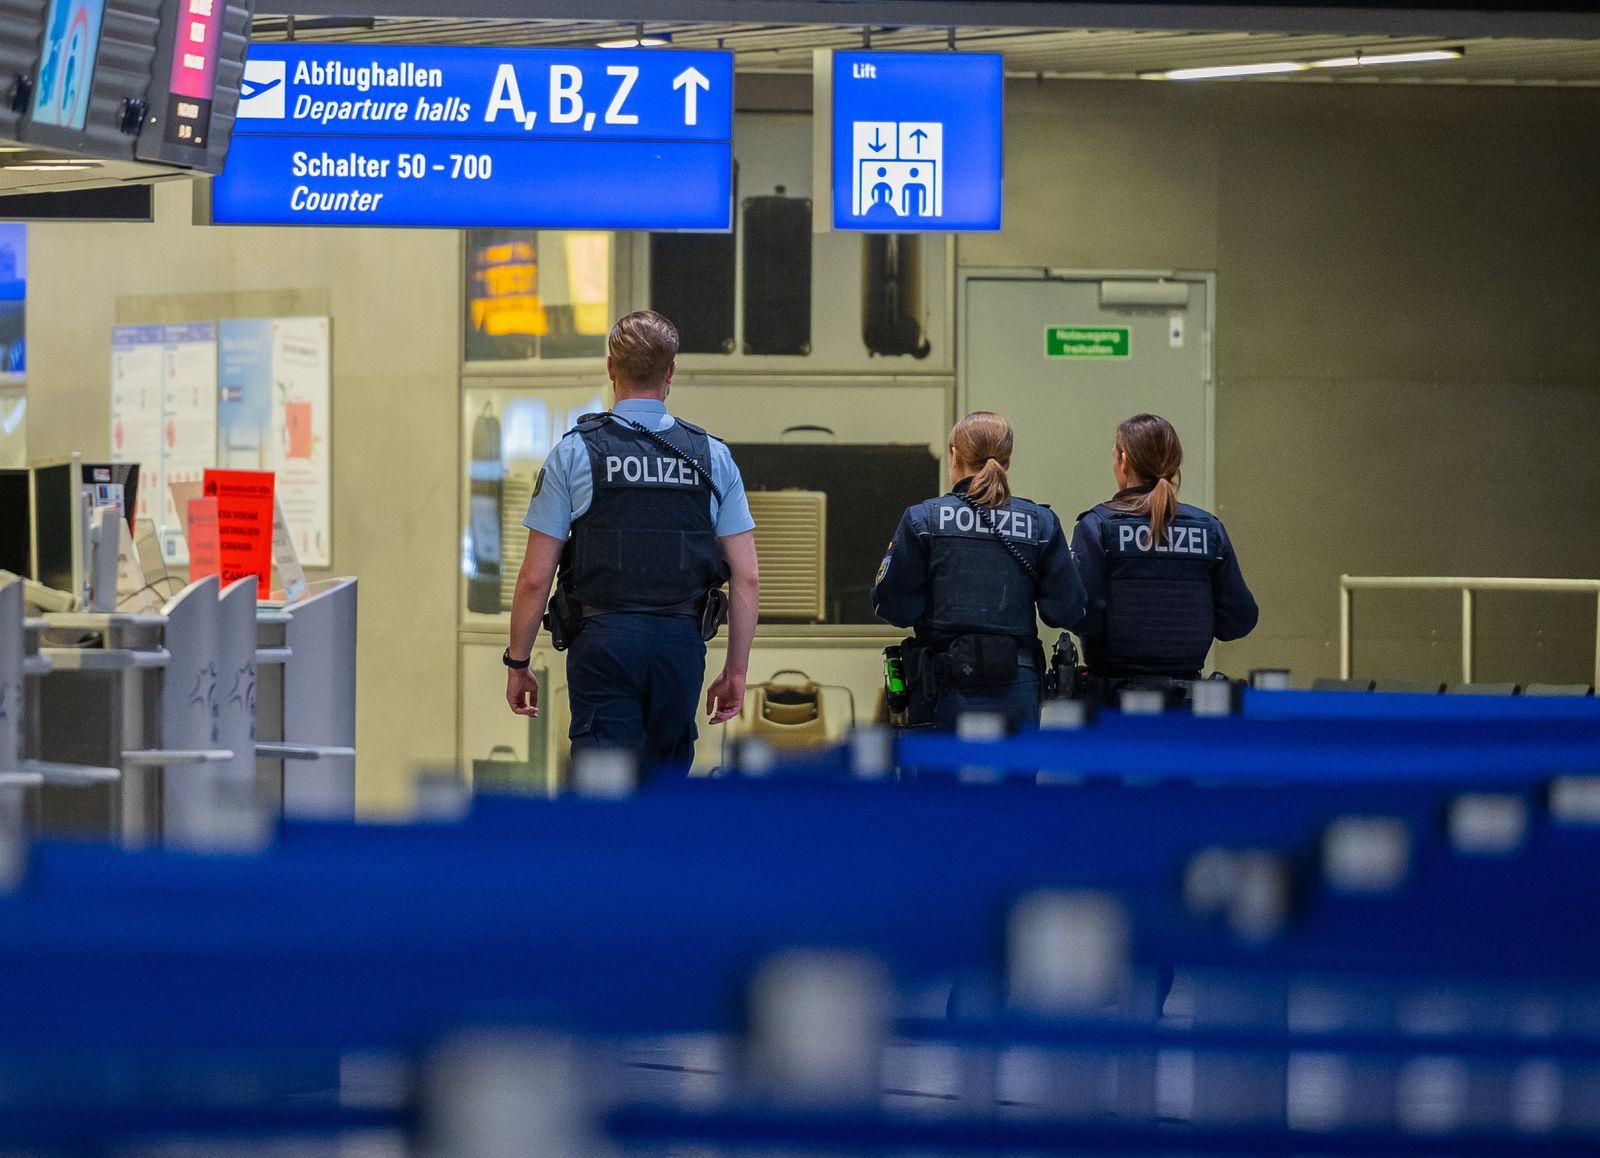 Einreiseverbot für Nicht-EU-Bürger an Deutsche Flughäfen